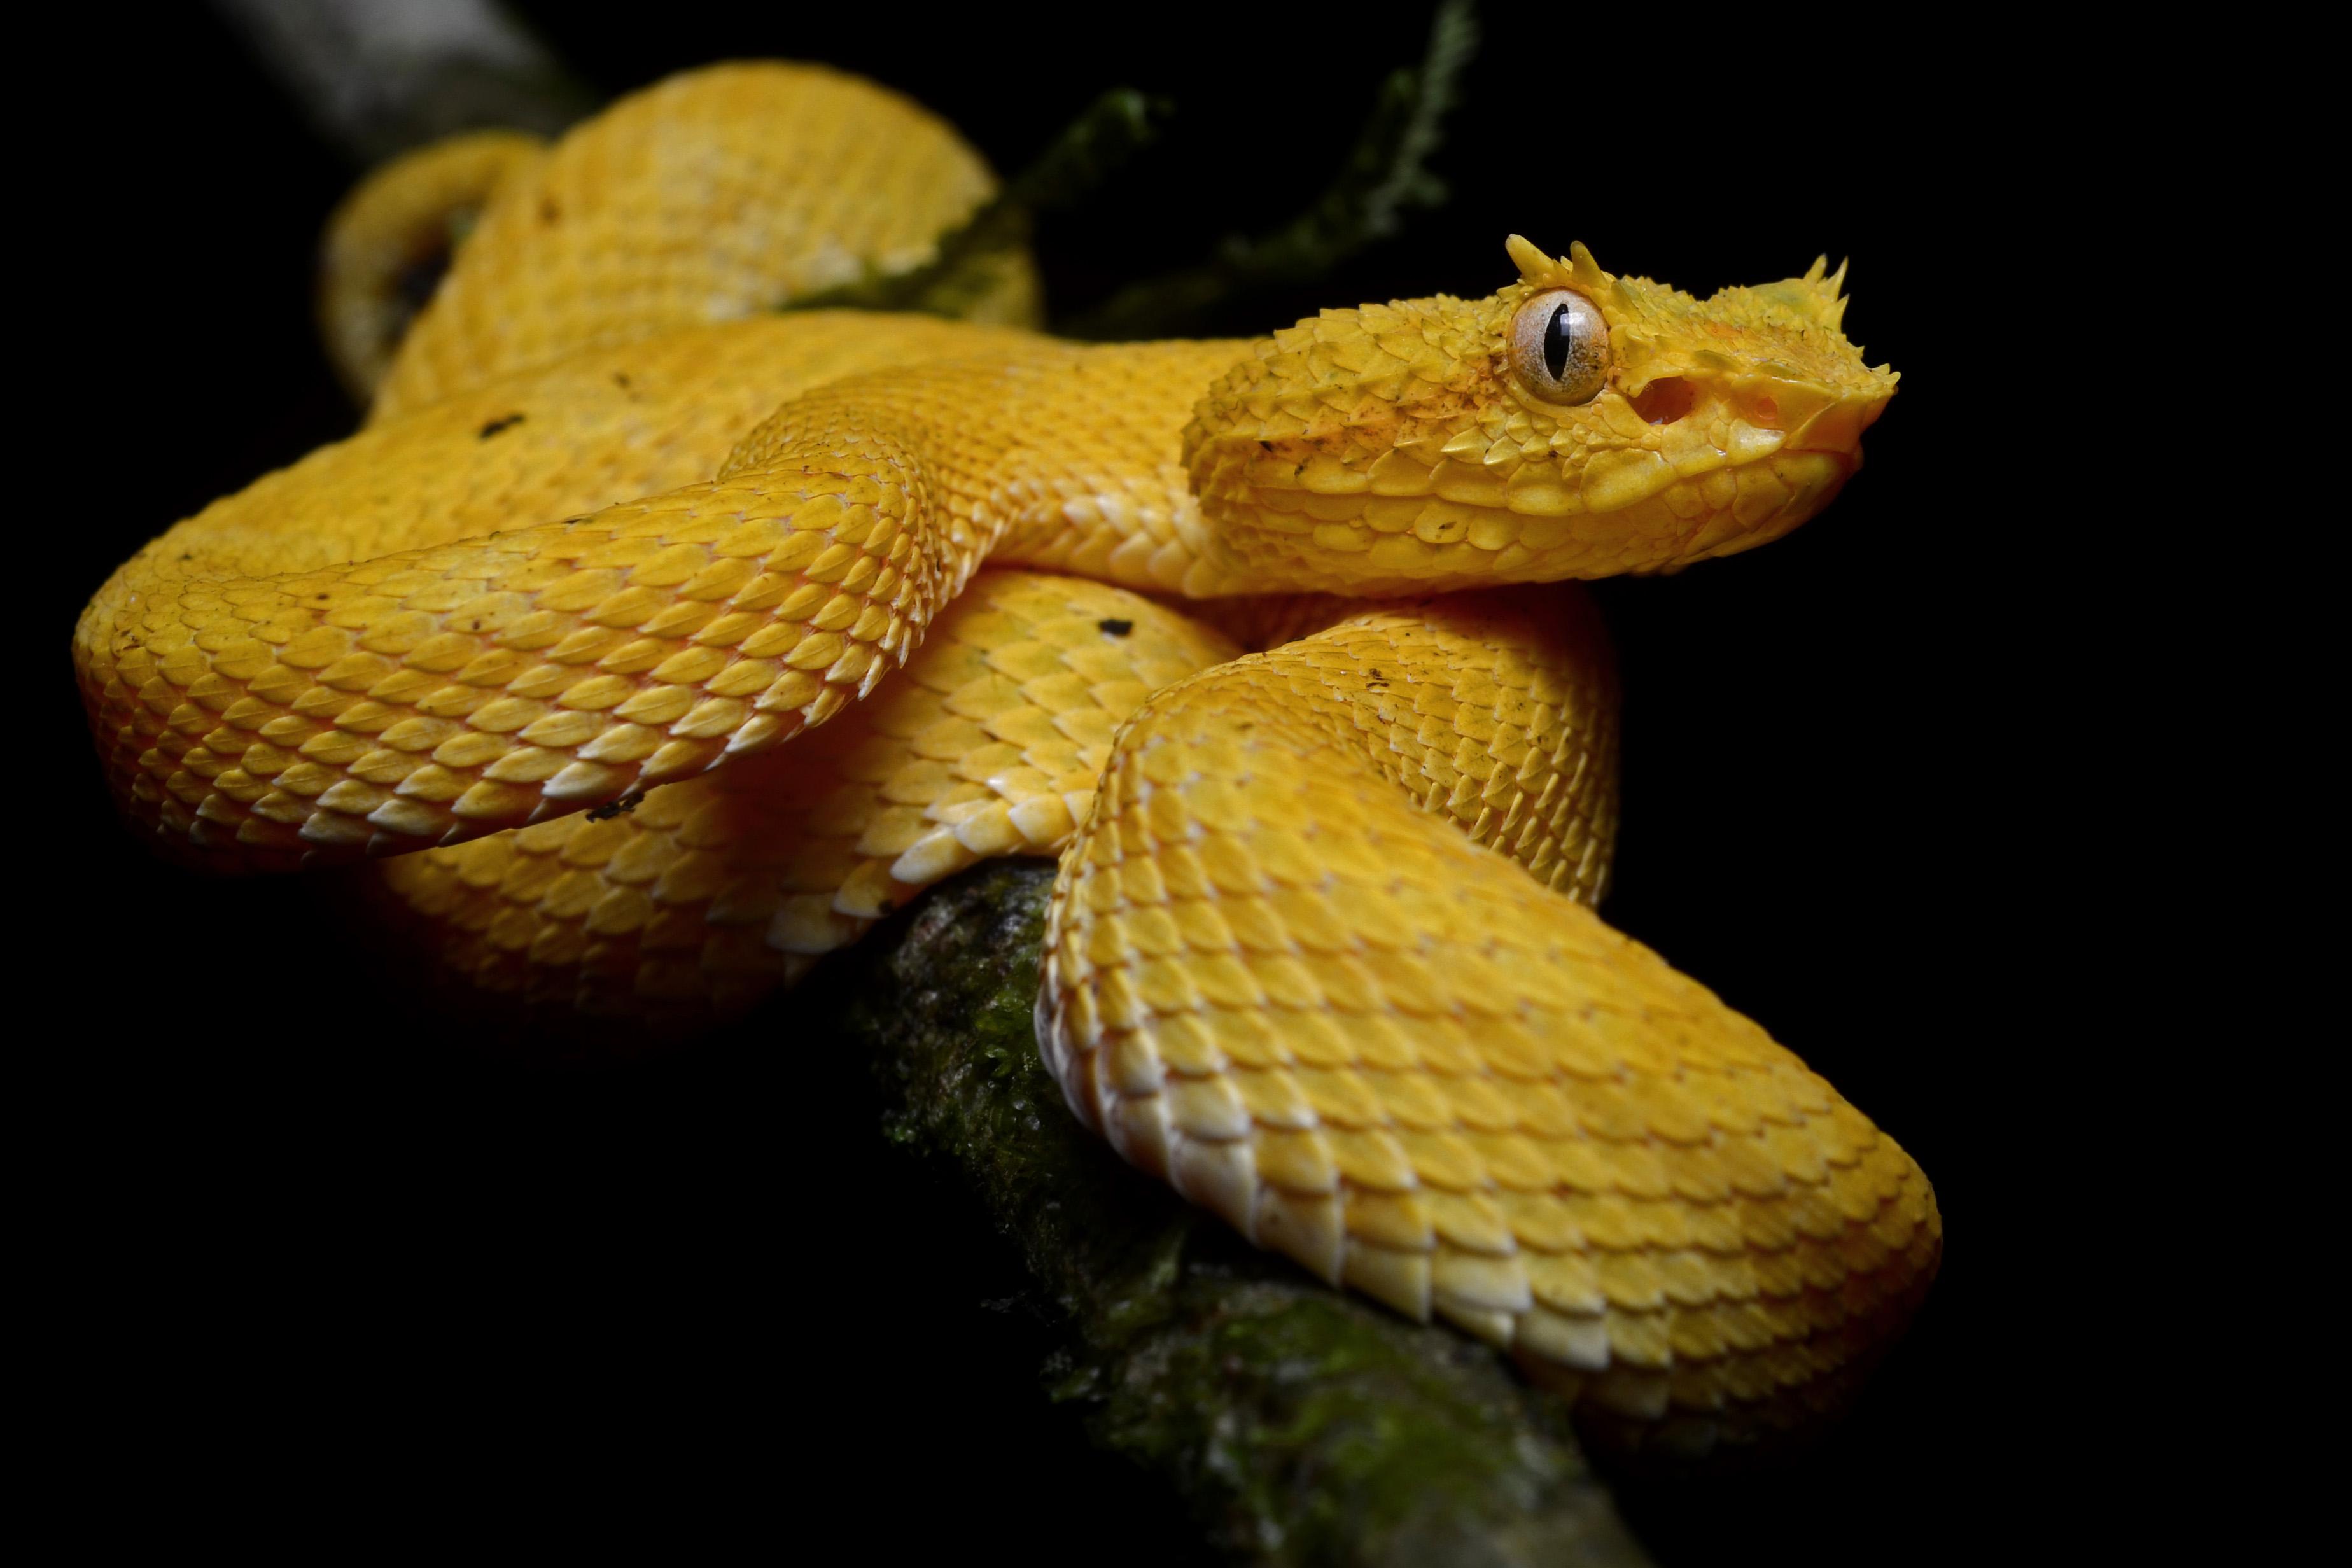 Bothriechis schlegelii - Wikipedia